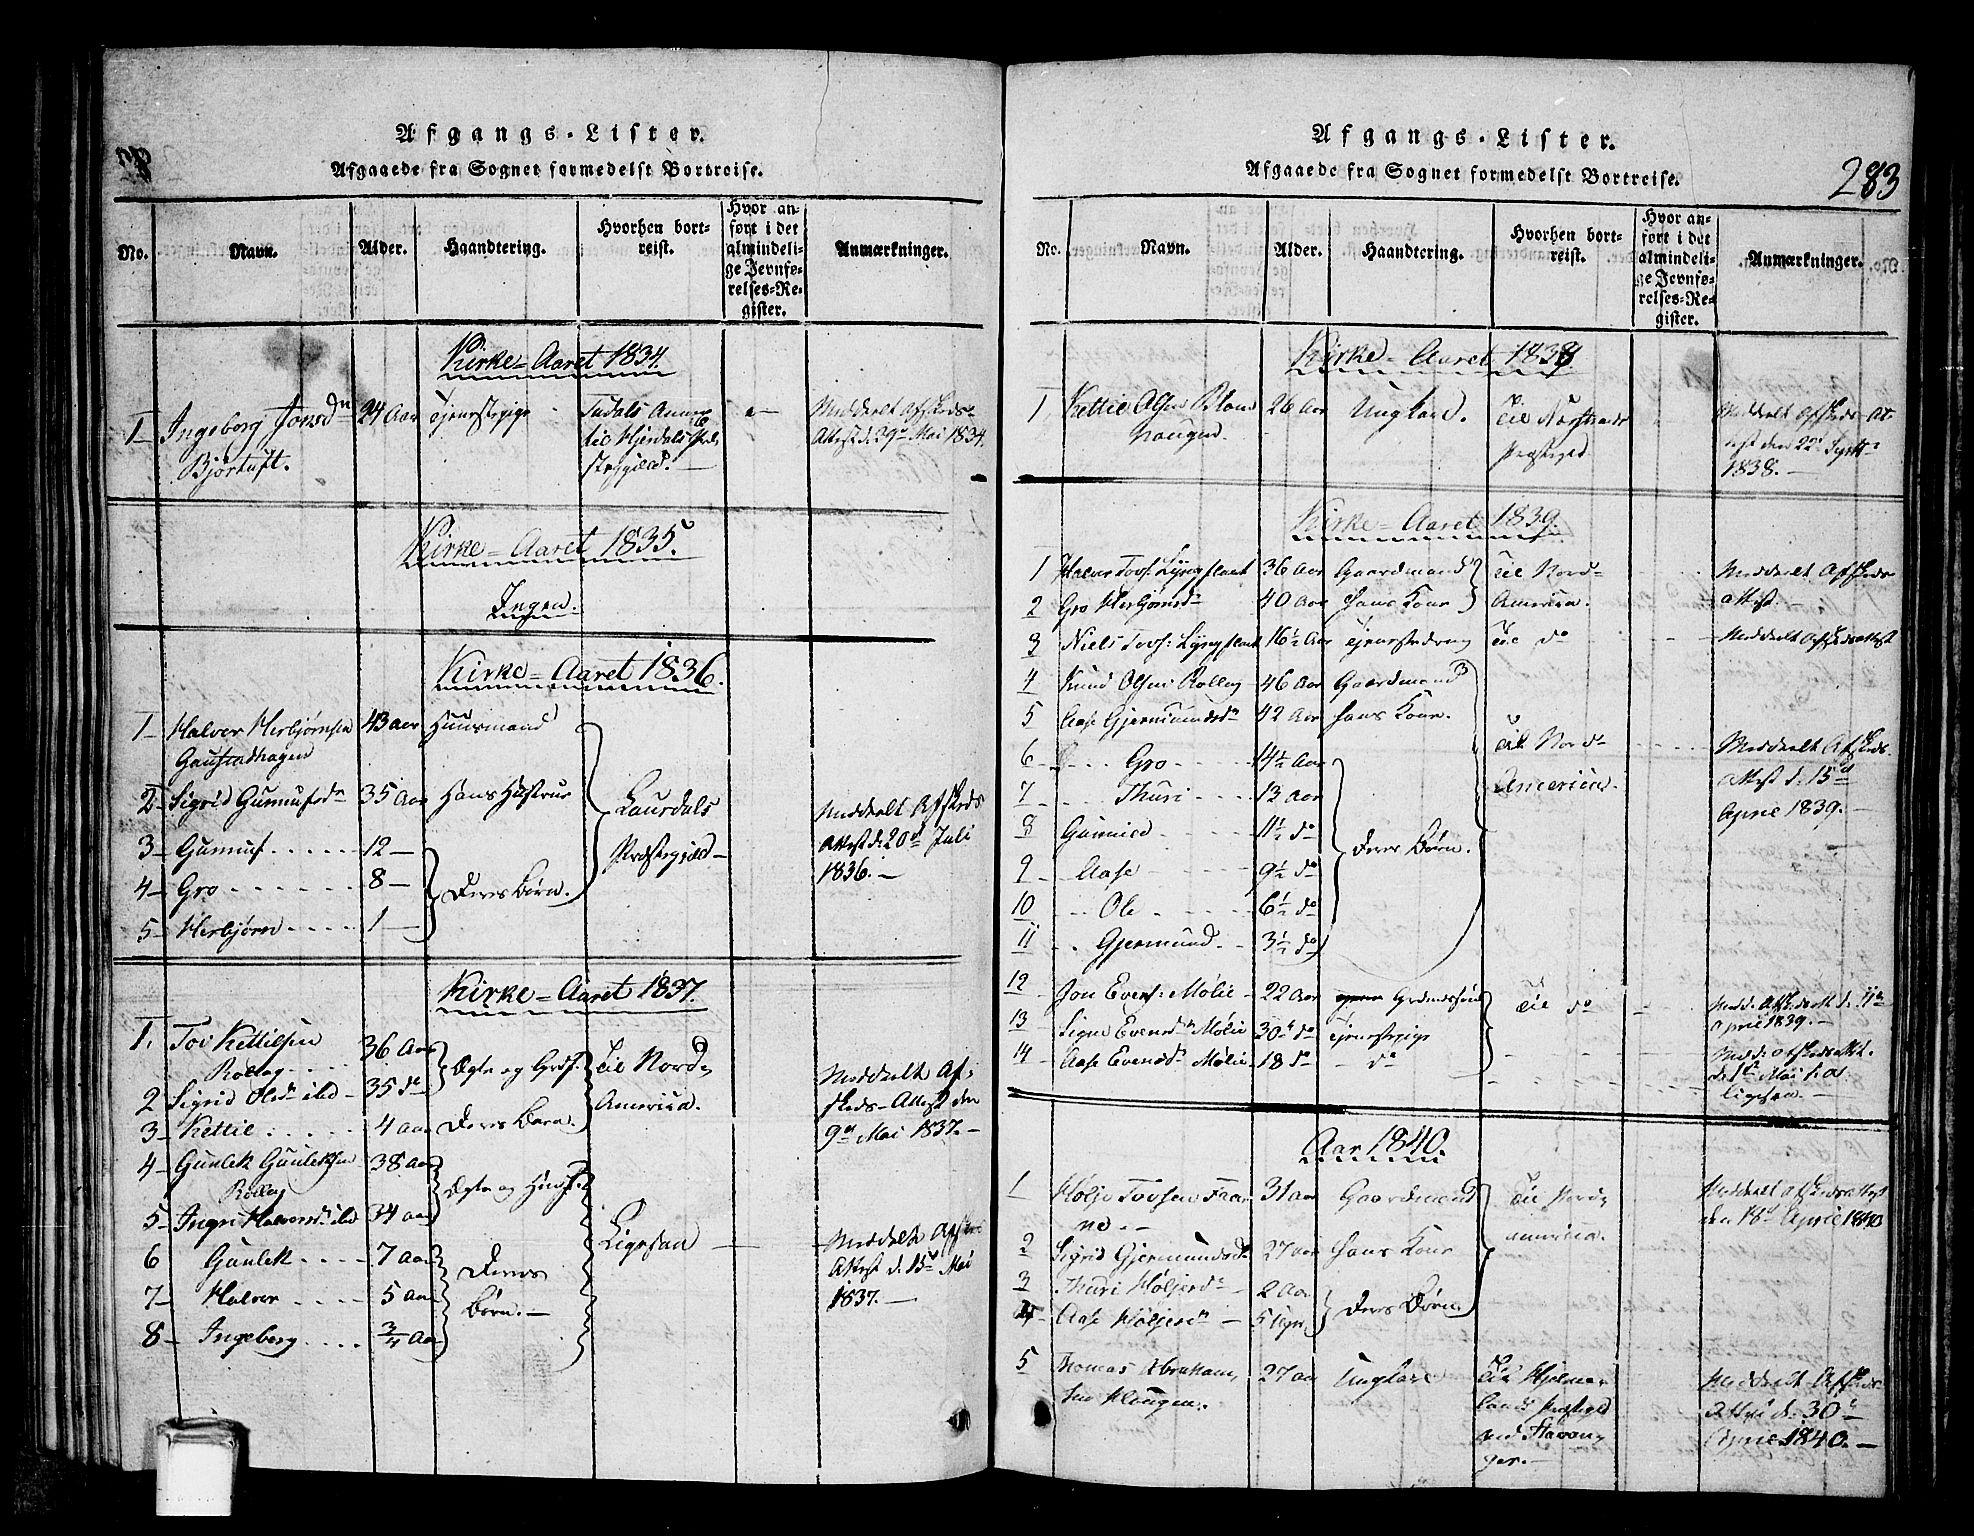 SAKO, Tinn kirkebøker, G/Gb/L0001: Klokkerbok nr. II 1 /1, 1815-1850, s. 283